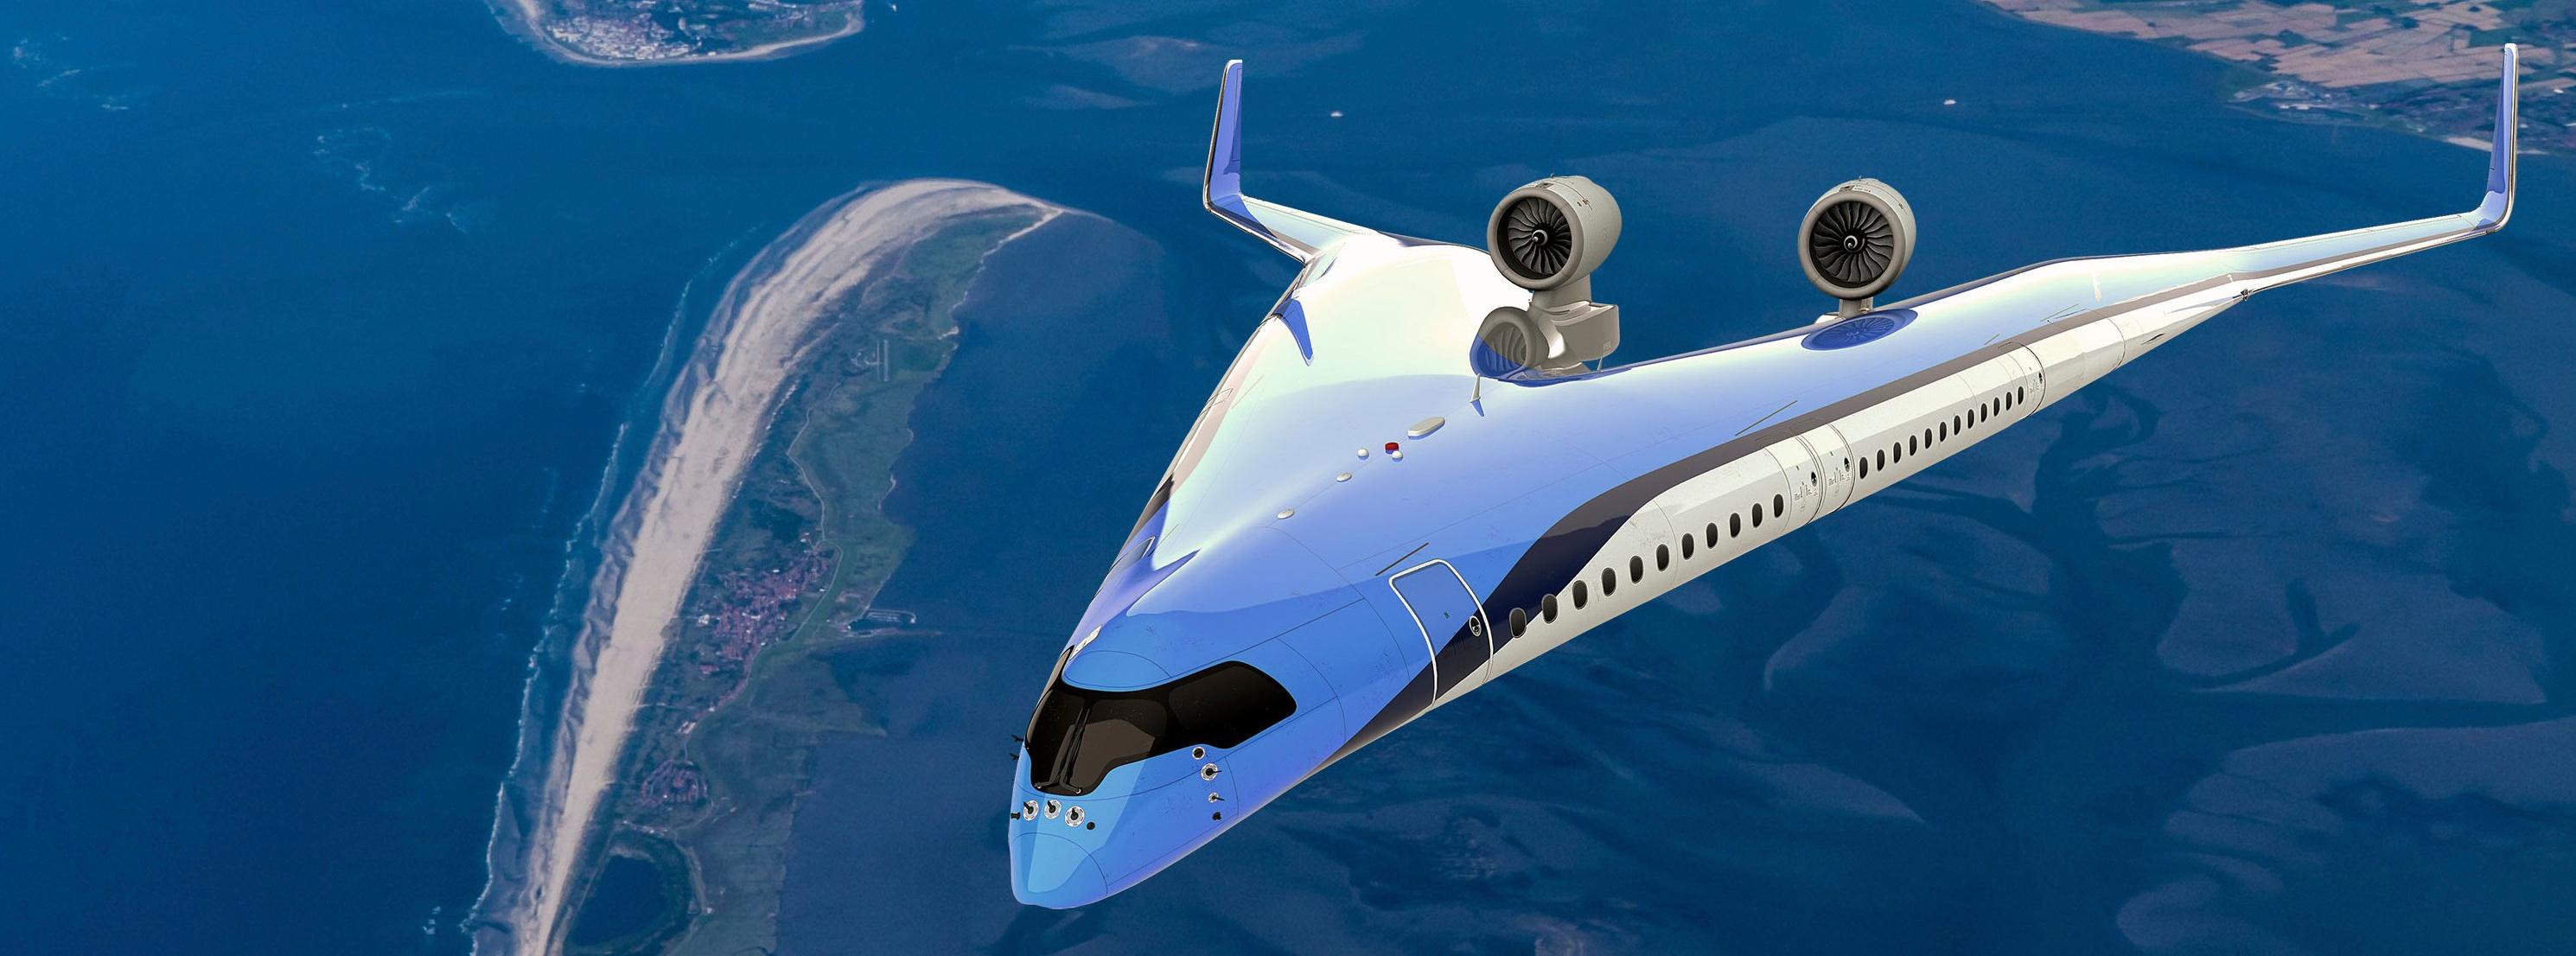 Es Posible Reducir El Impacto De Los Aviones En El Cambio Climatico